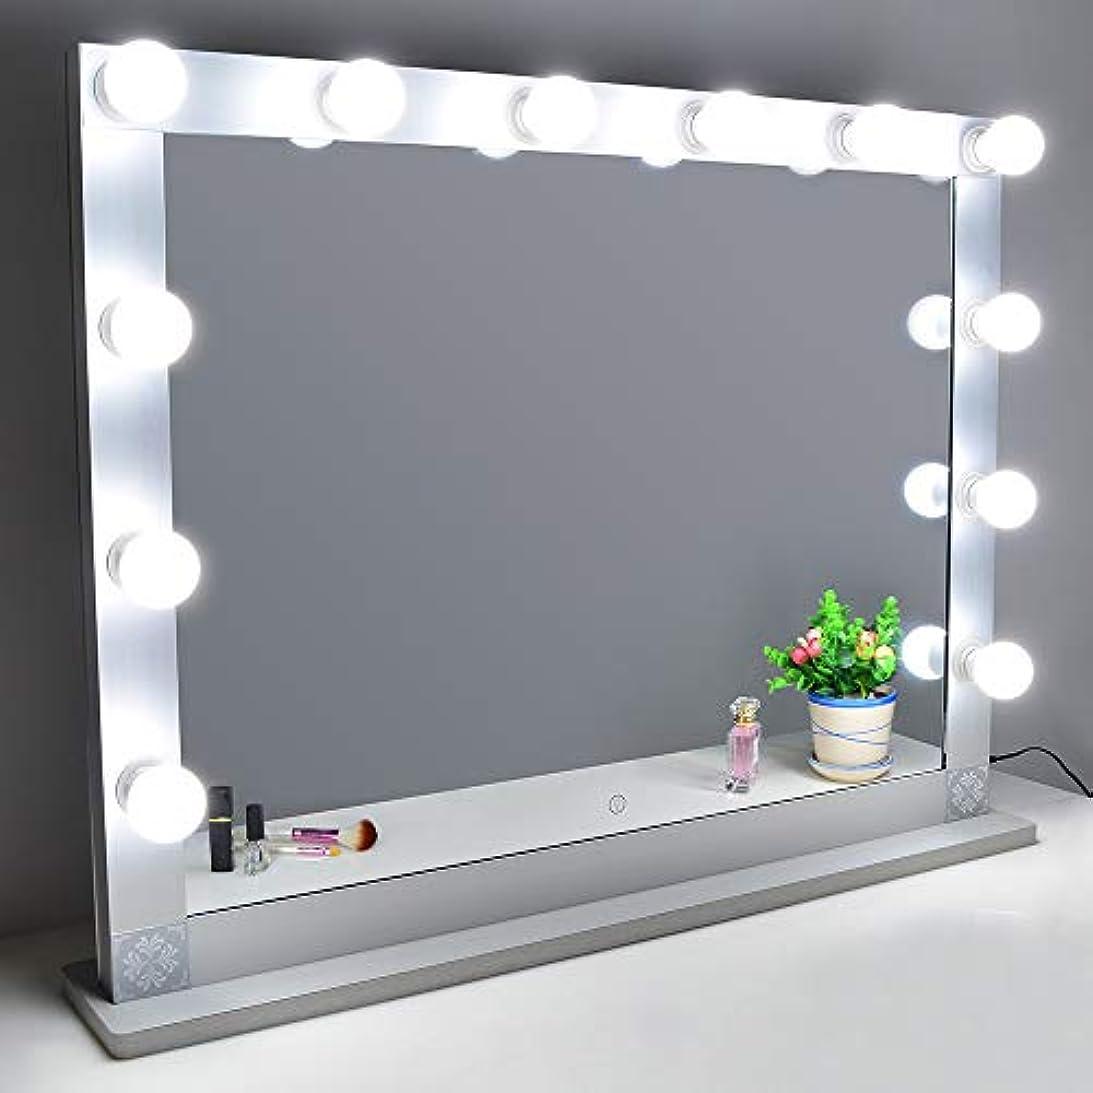 ブース検出器膜Nitin 女優ミラー 大型化粧鏡 ハリウッドミラー 12個LED電球付き 無段階調光 スタンド付き USB差込口付き 卓上ミラー 女優ライト ドレッサー/化粧台に適用(85*66.5cm)